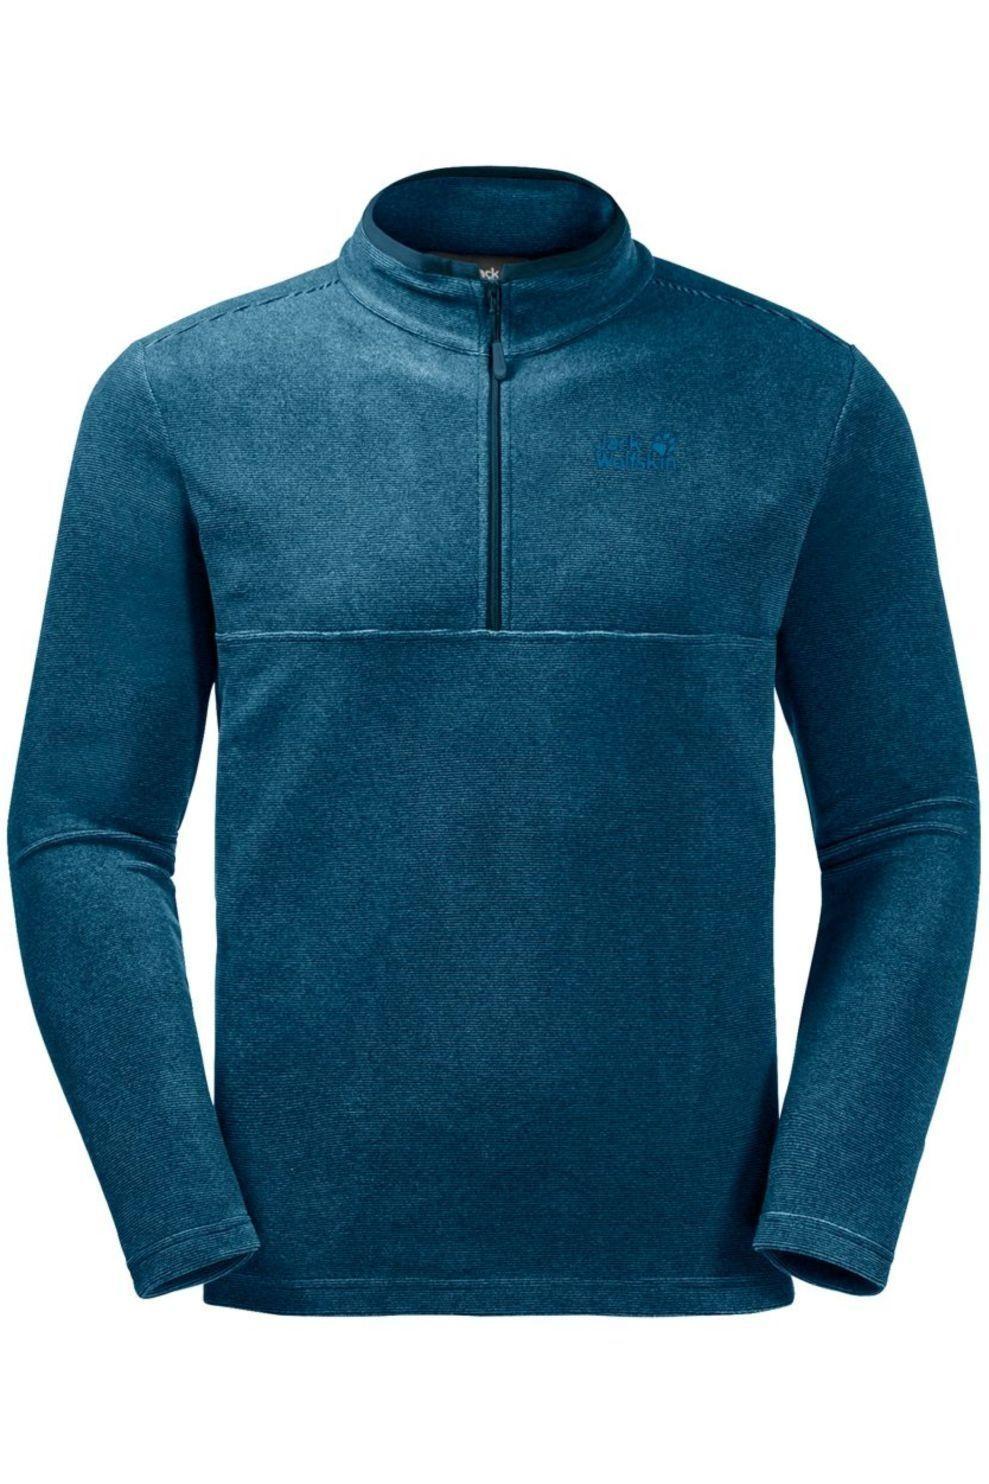 Jack Wolfskin Fleece Arco Half-Zip voor heren Blauw Maten: S, M, L, XL, XXL, XXXL